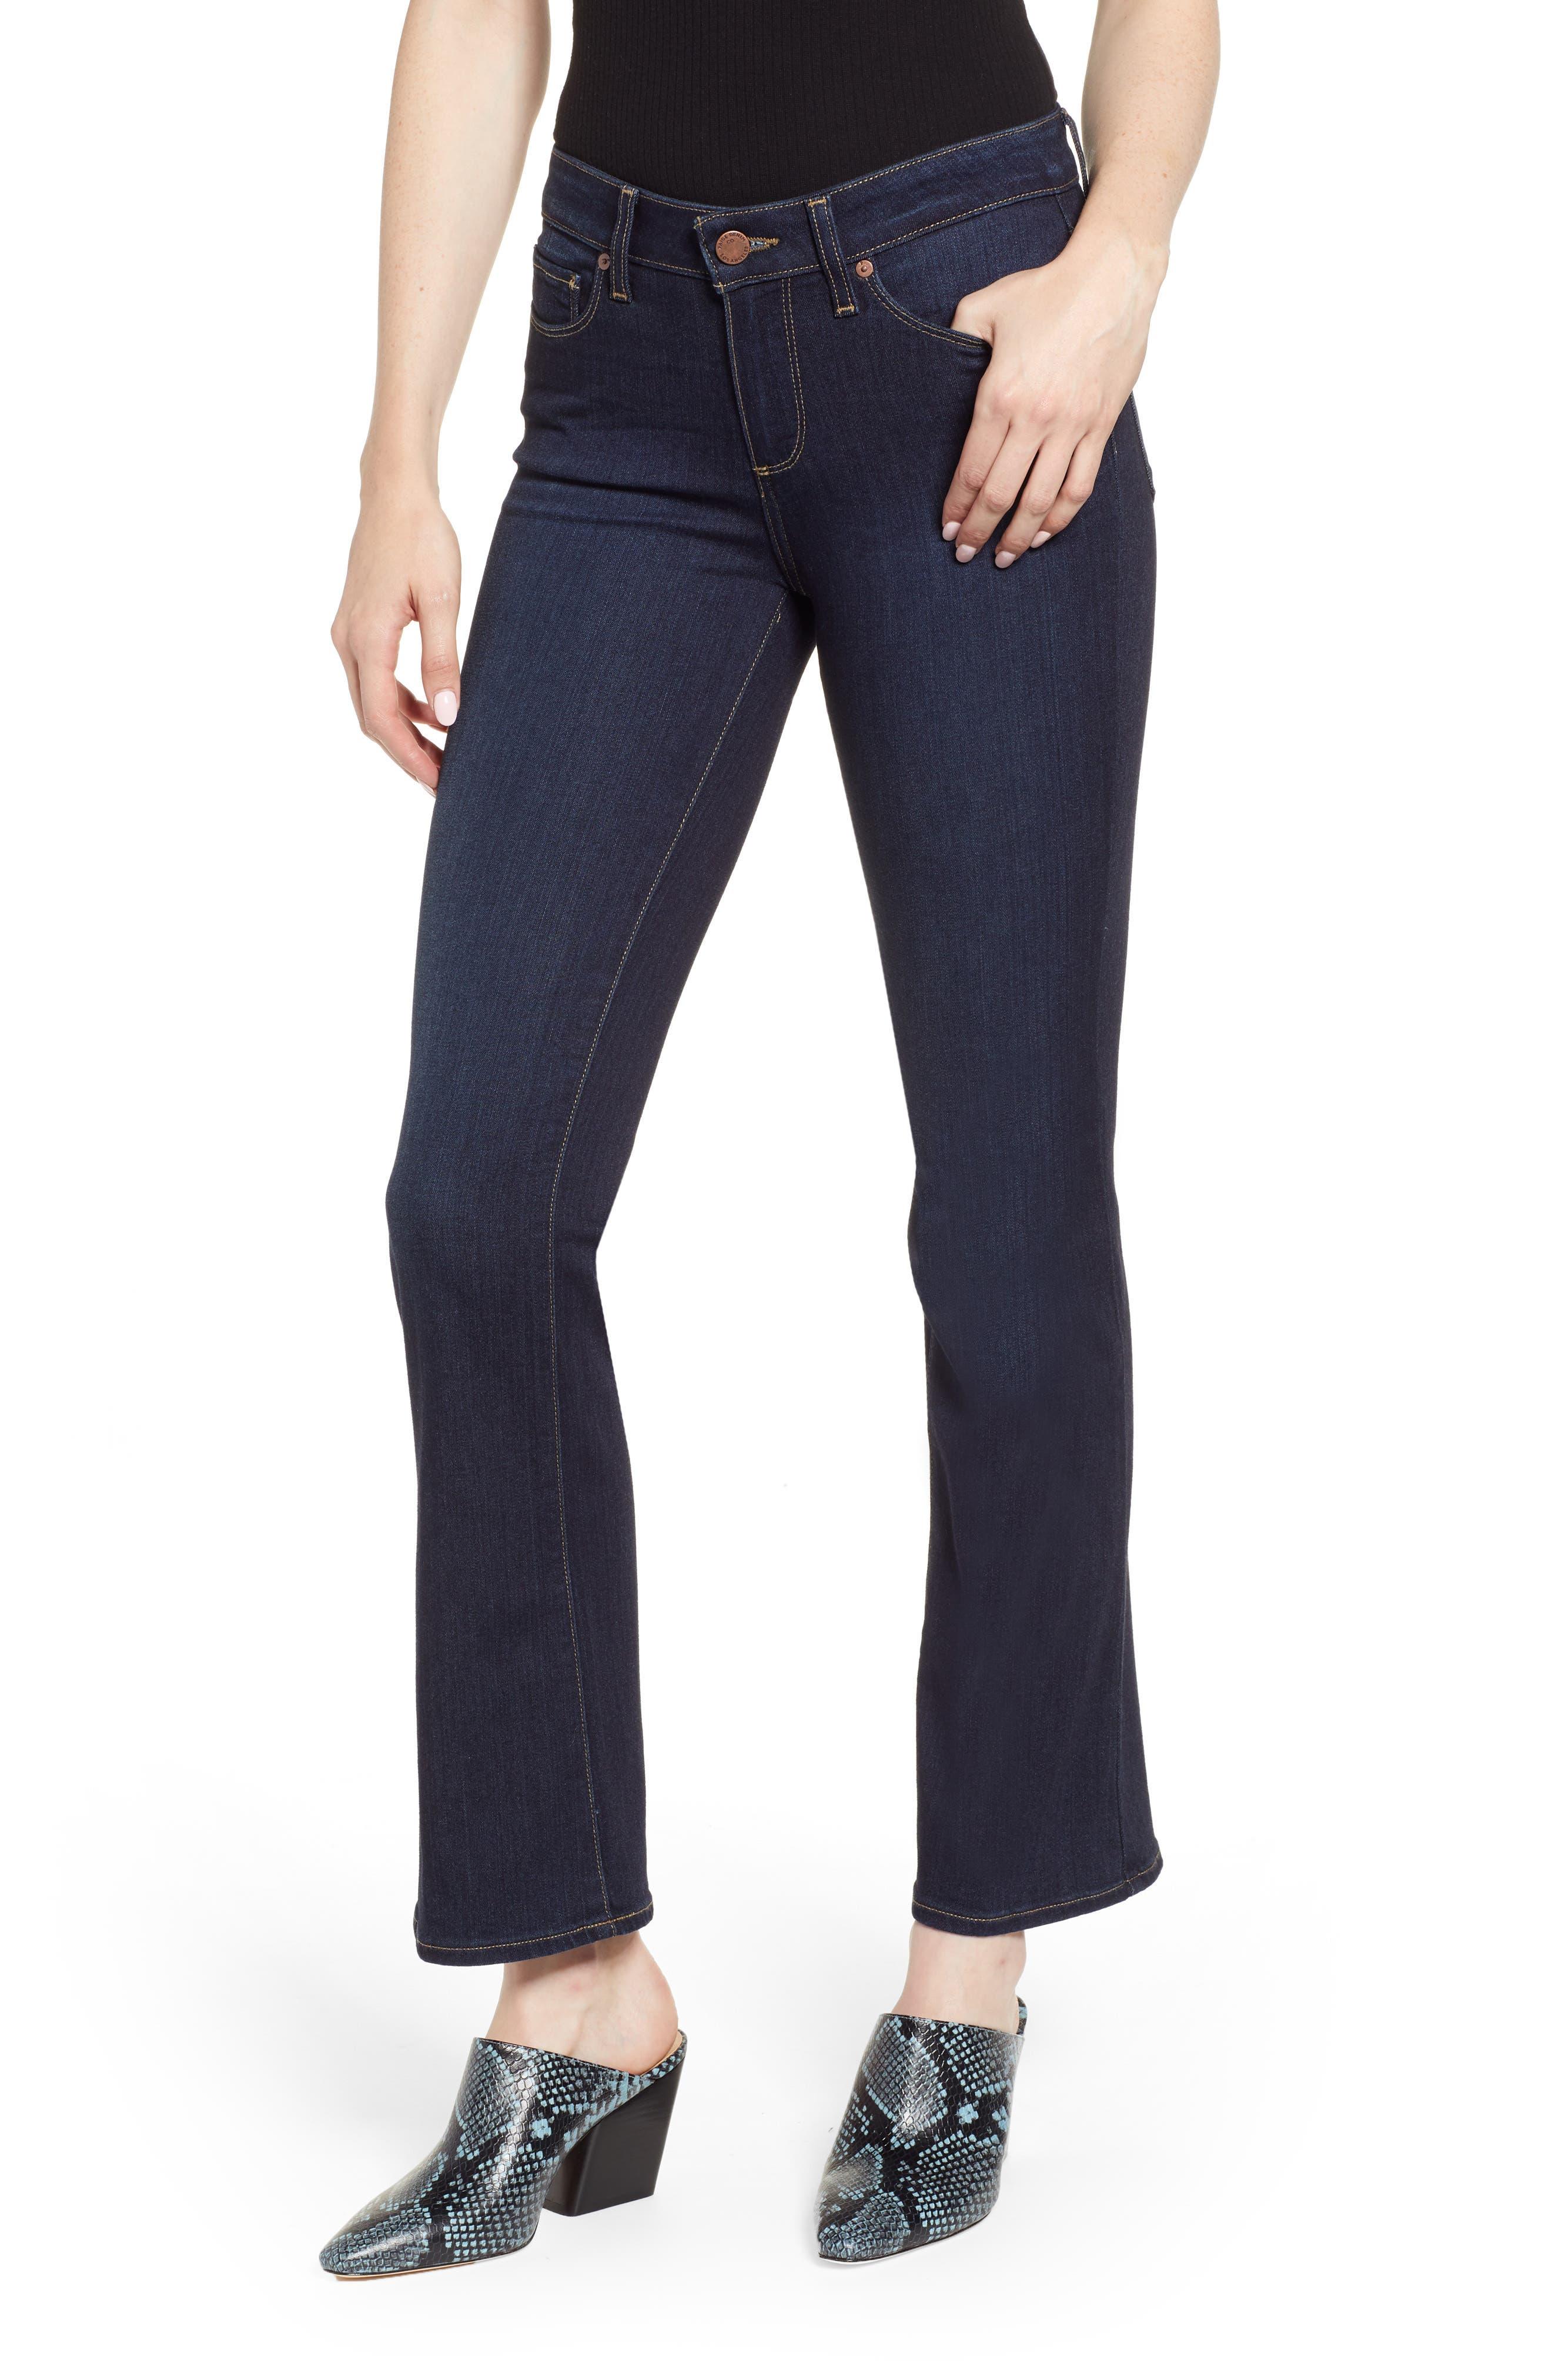 Transcend - Manhattan High Waist Bootcut Jeans,                             Main thumbnail 1, color,                             SANIA